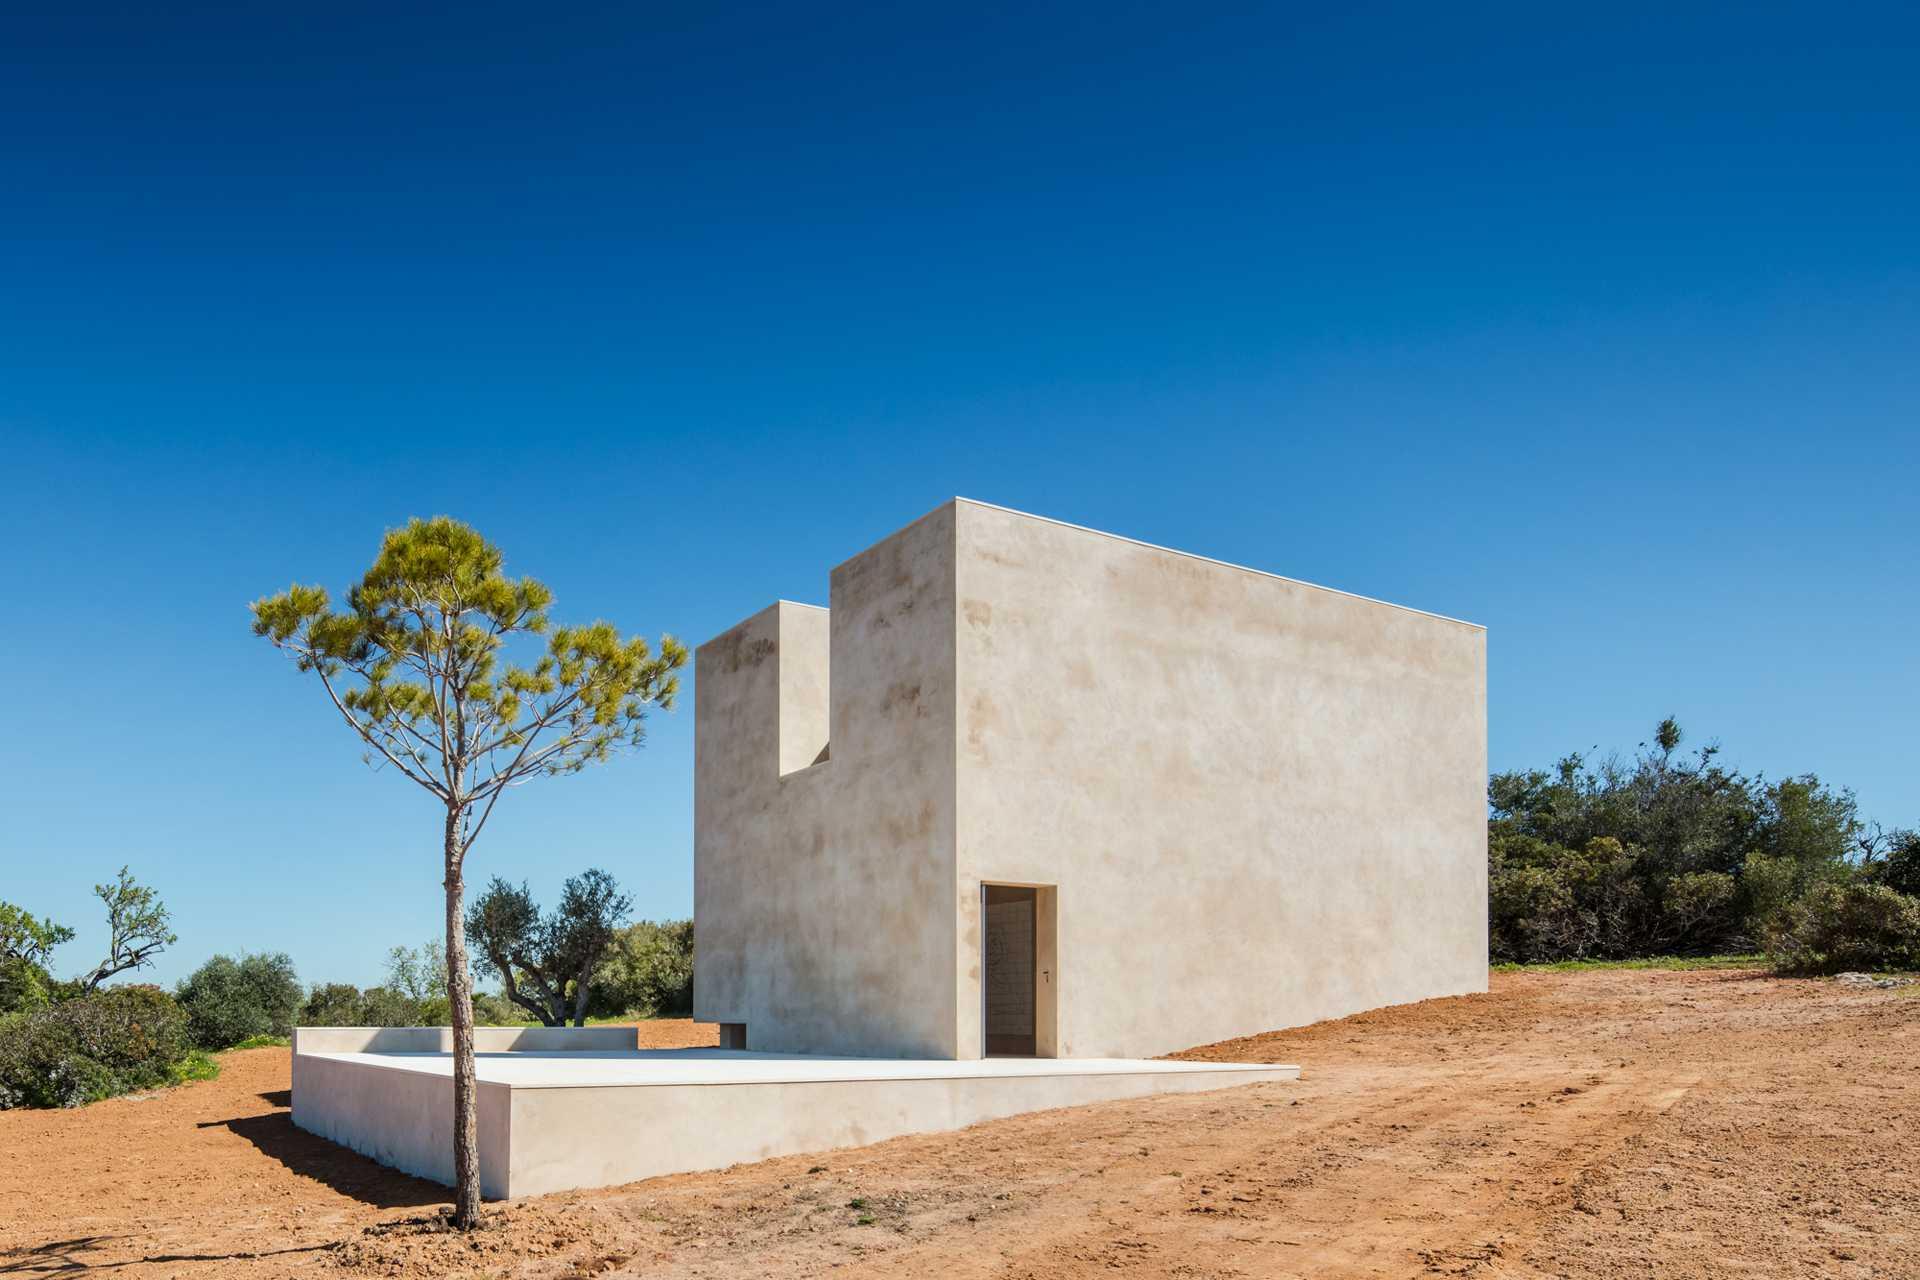 La Capela do Monte  - 65 02 33